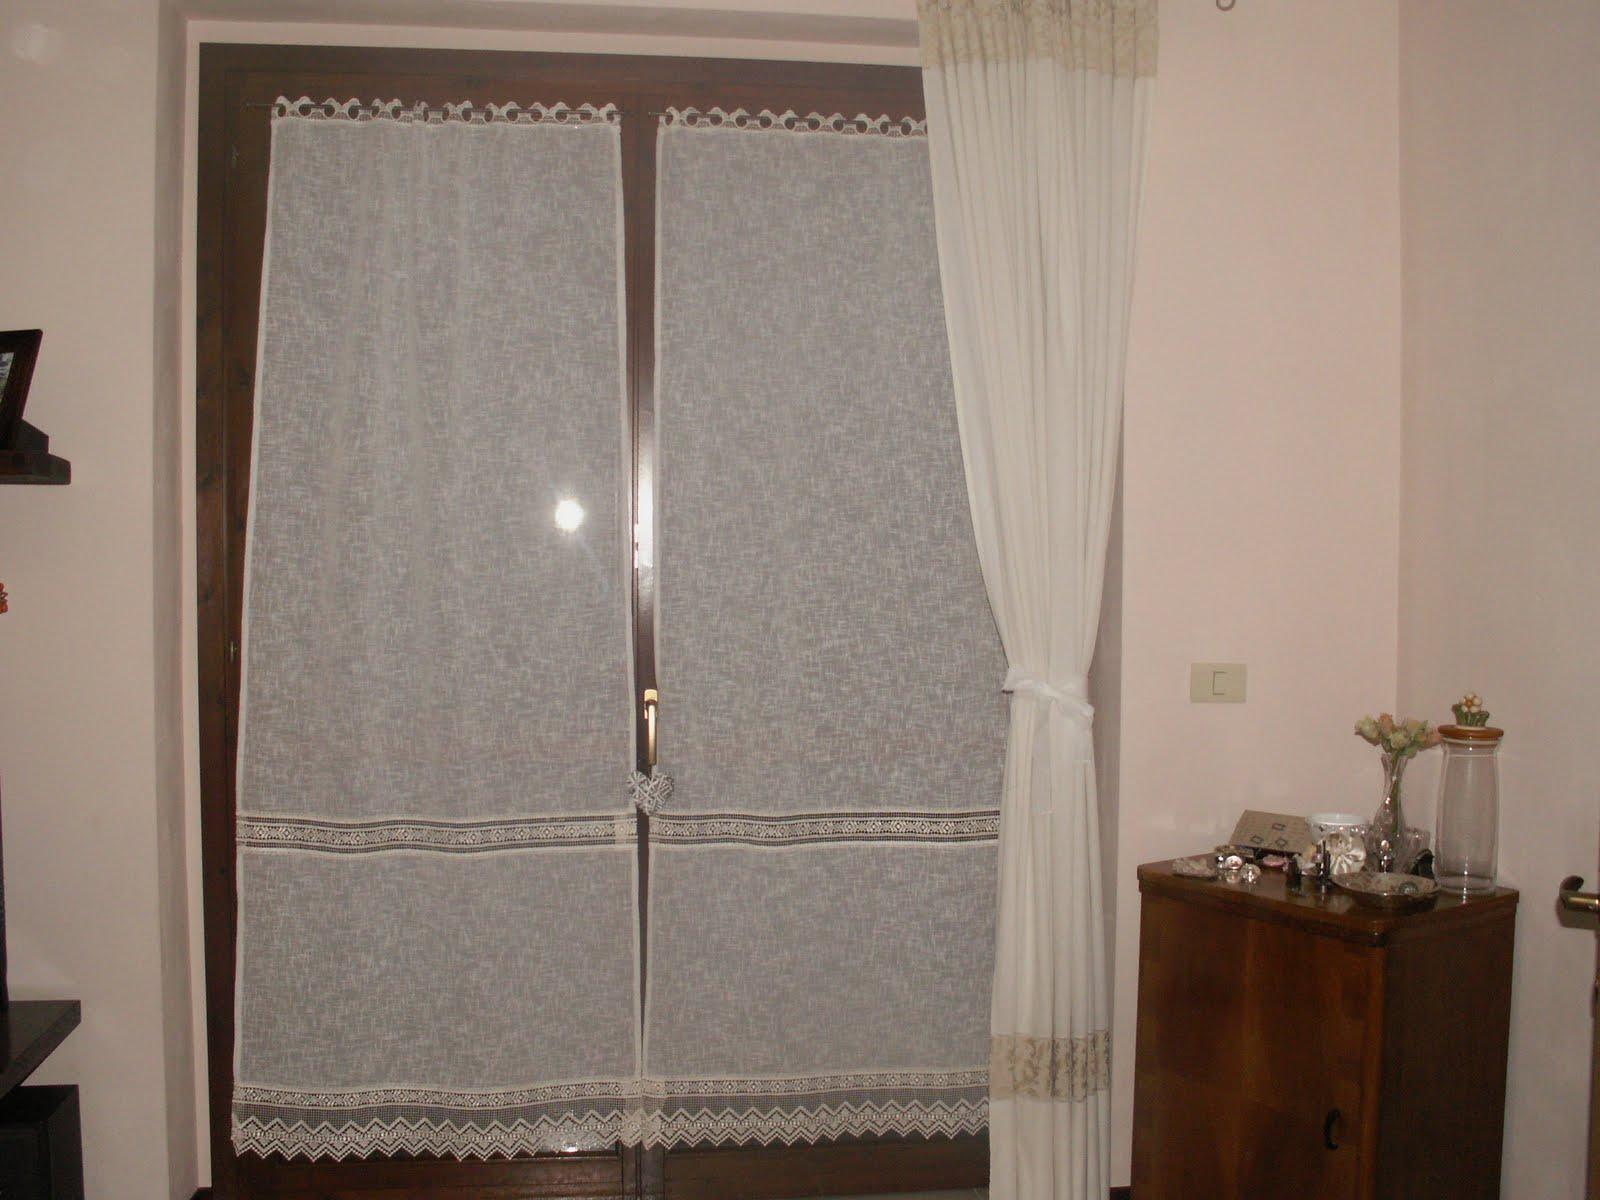 tende vetras : Eccomi a mostrarvi le mie nuove tende del salotto che ho terminato di ...